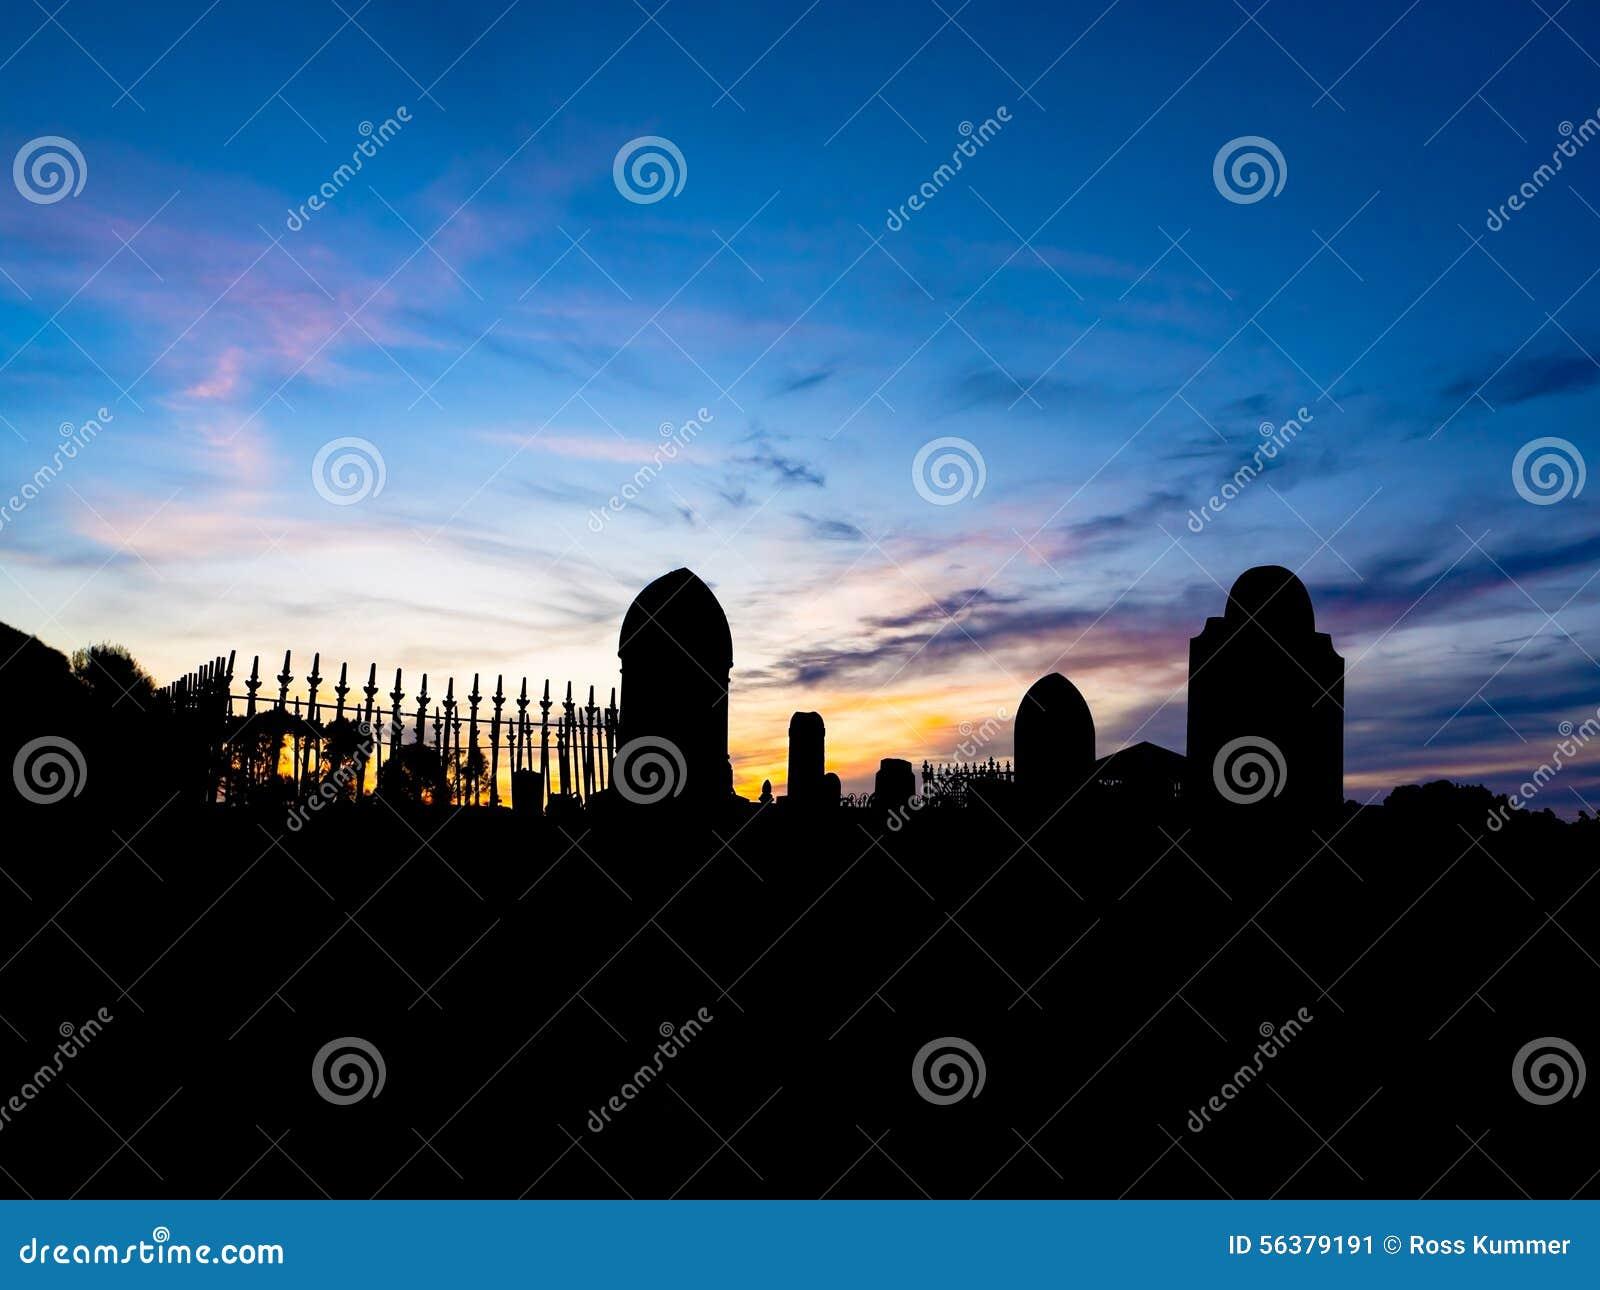 Cimetière au coucher du soleil